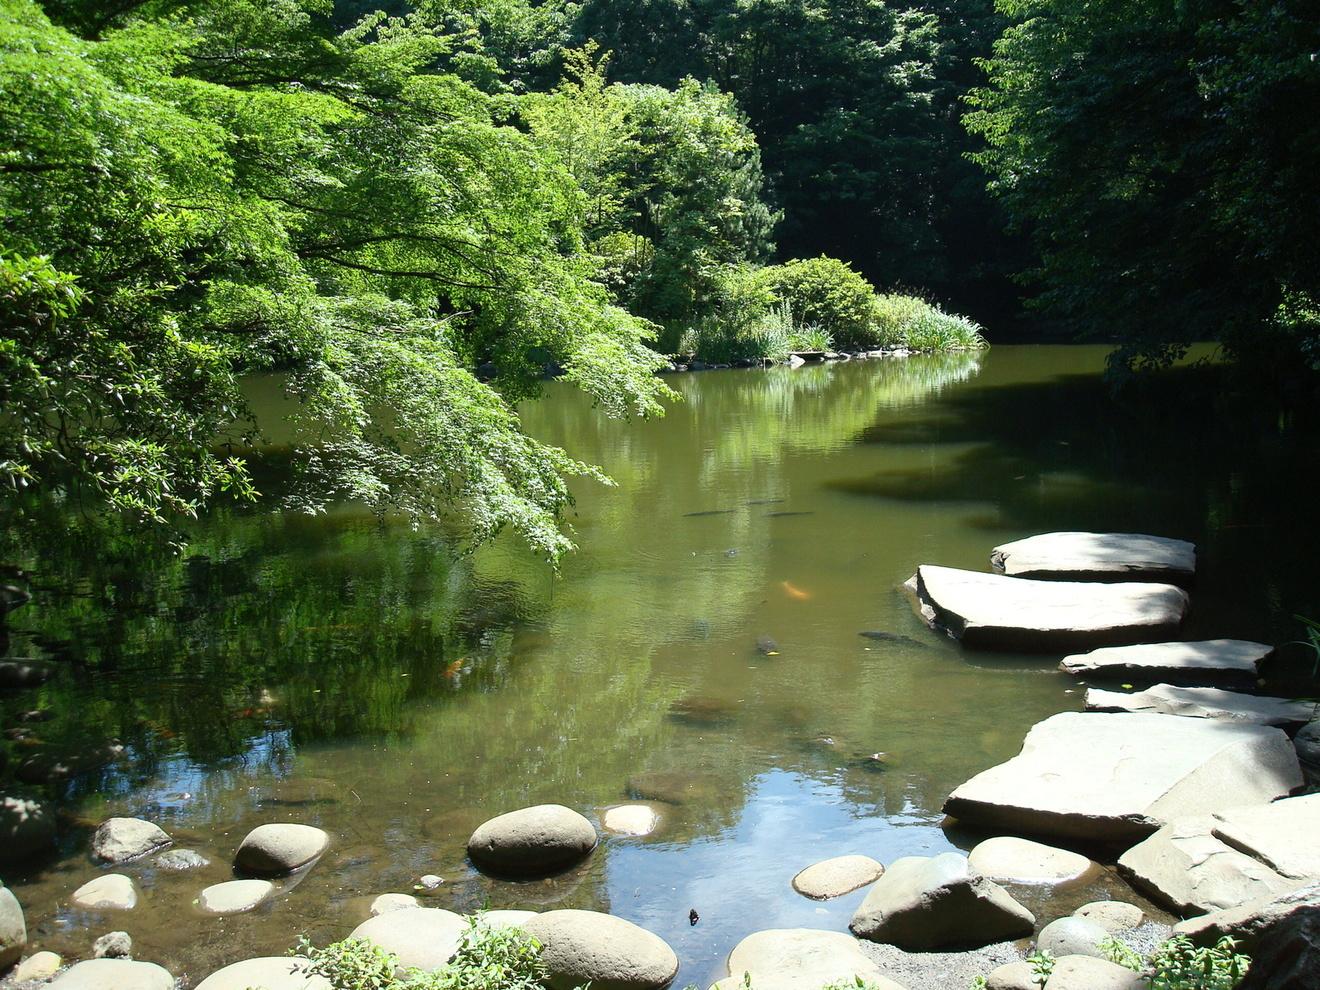 自然主義とは。日本近代文学の作家と『蒲団』など代表的な作品を紹介!